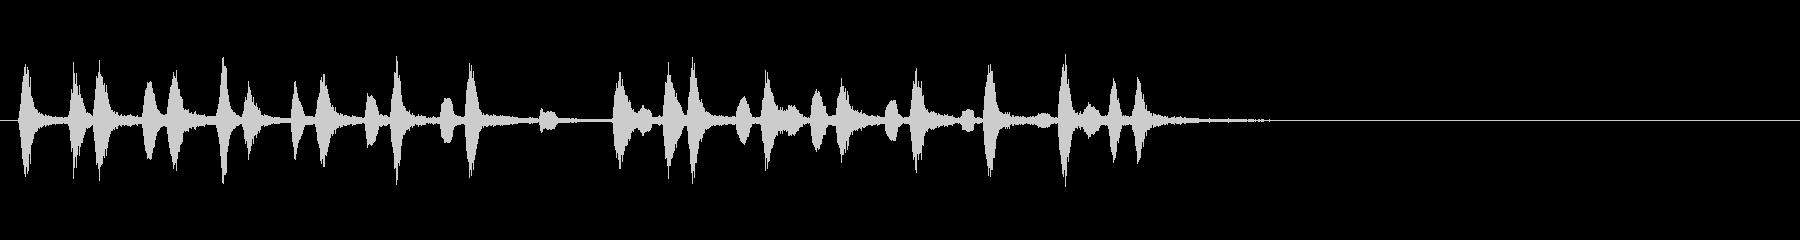 桃太郎よかったね木管リコーダー重奏の未再生の波形